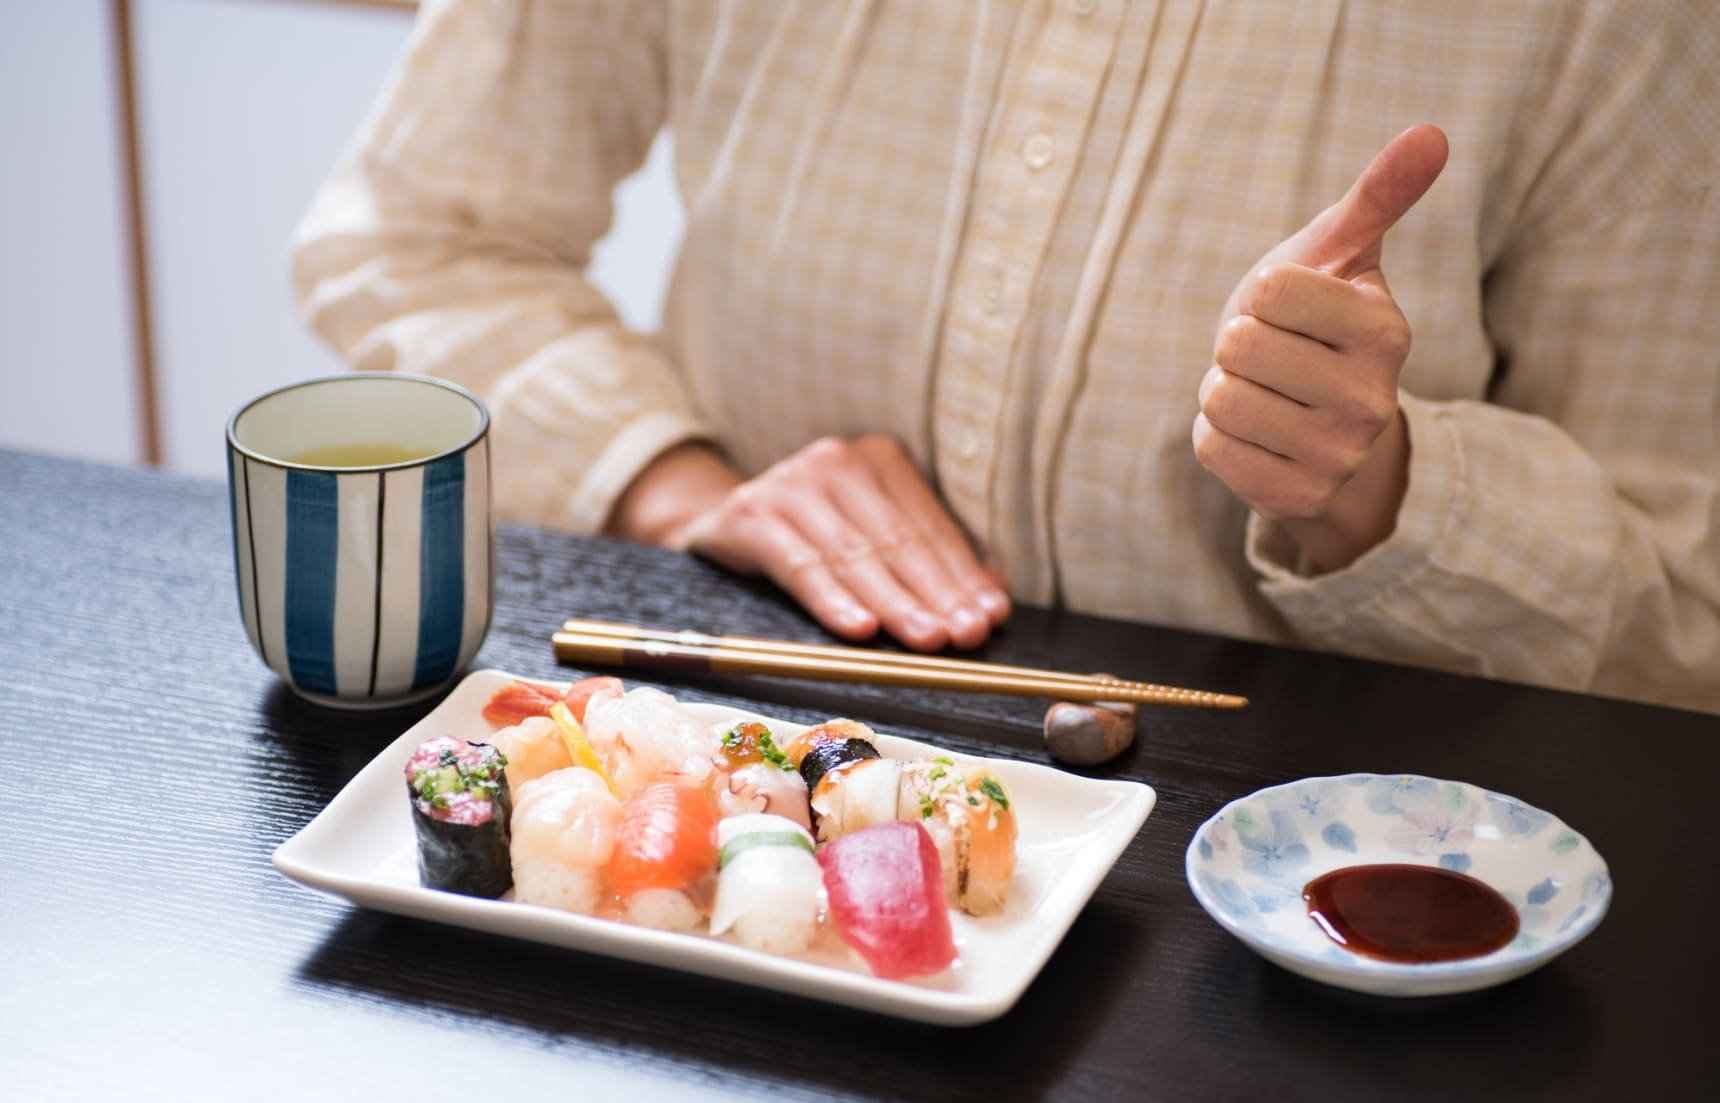 【日本美食講座】品嘗壽司保持瘦身兩不誤?